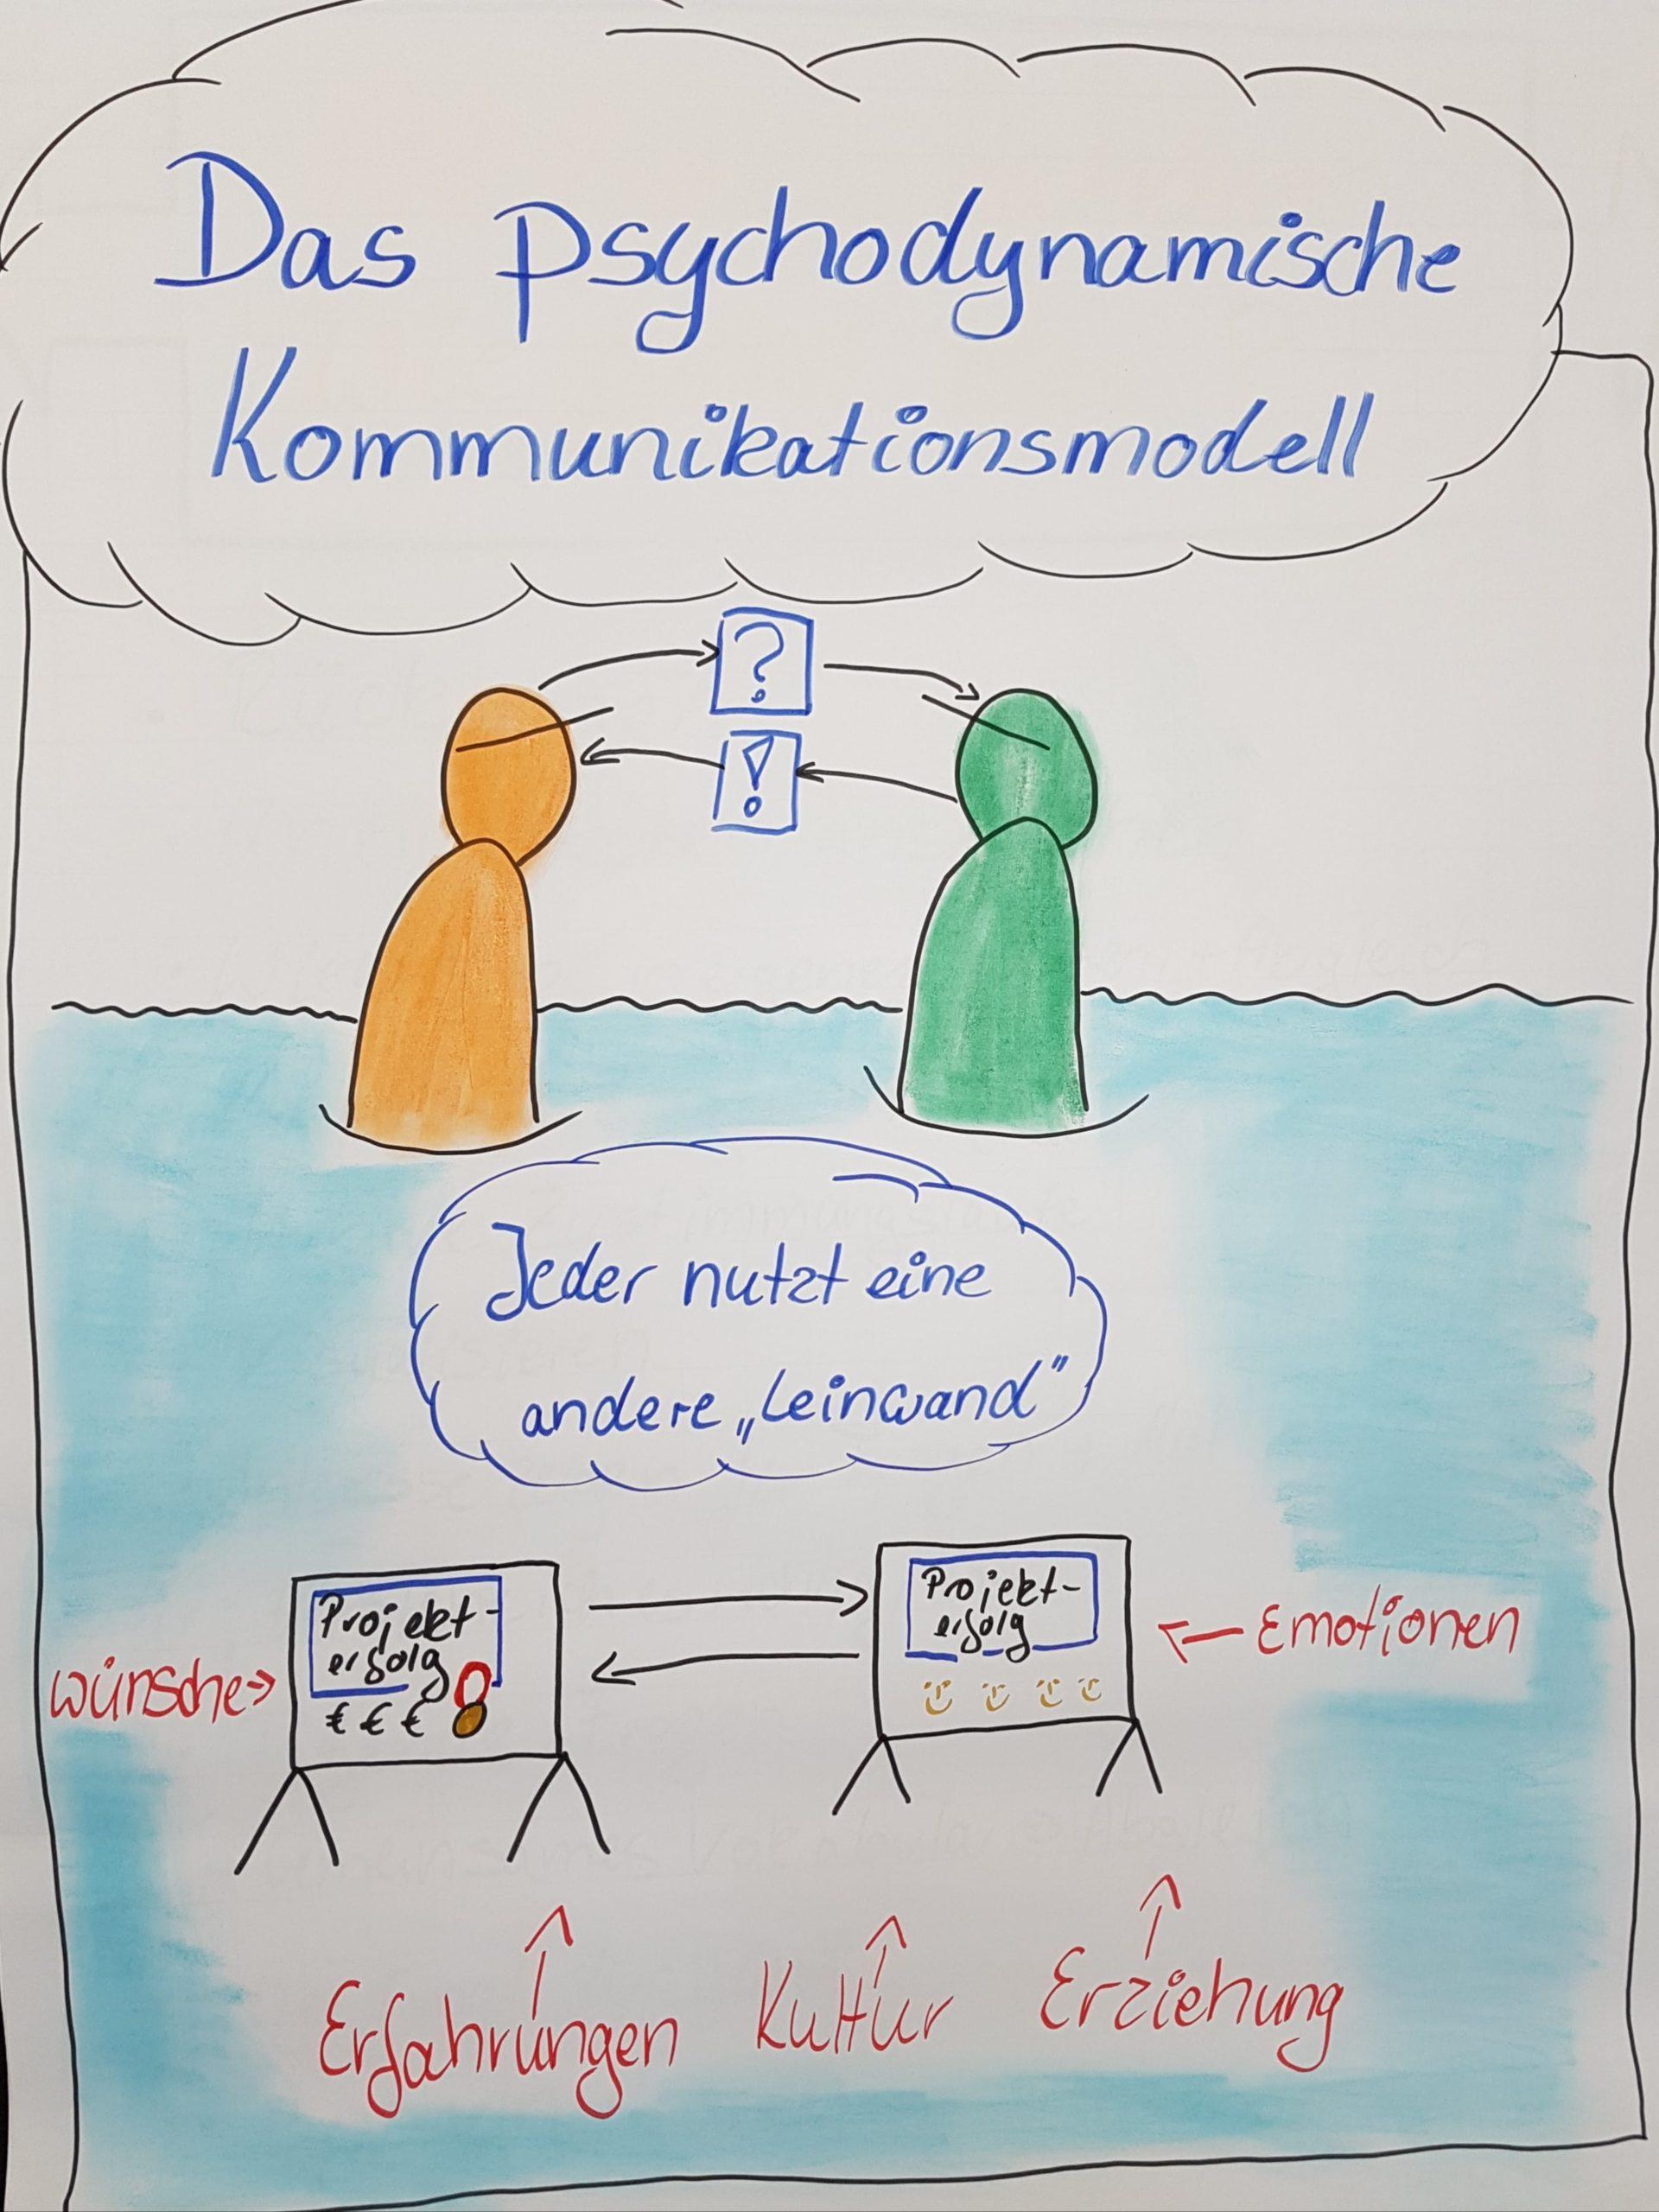 Handgezeichnete Figuren als Symbole für die Wege der Kommunikation und deren Einflußfaktoren